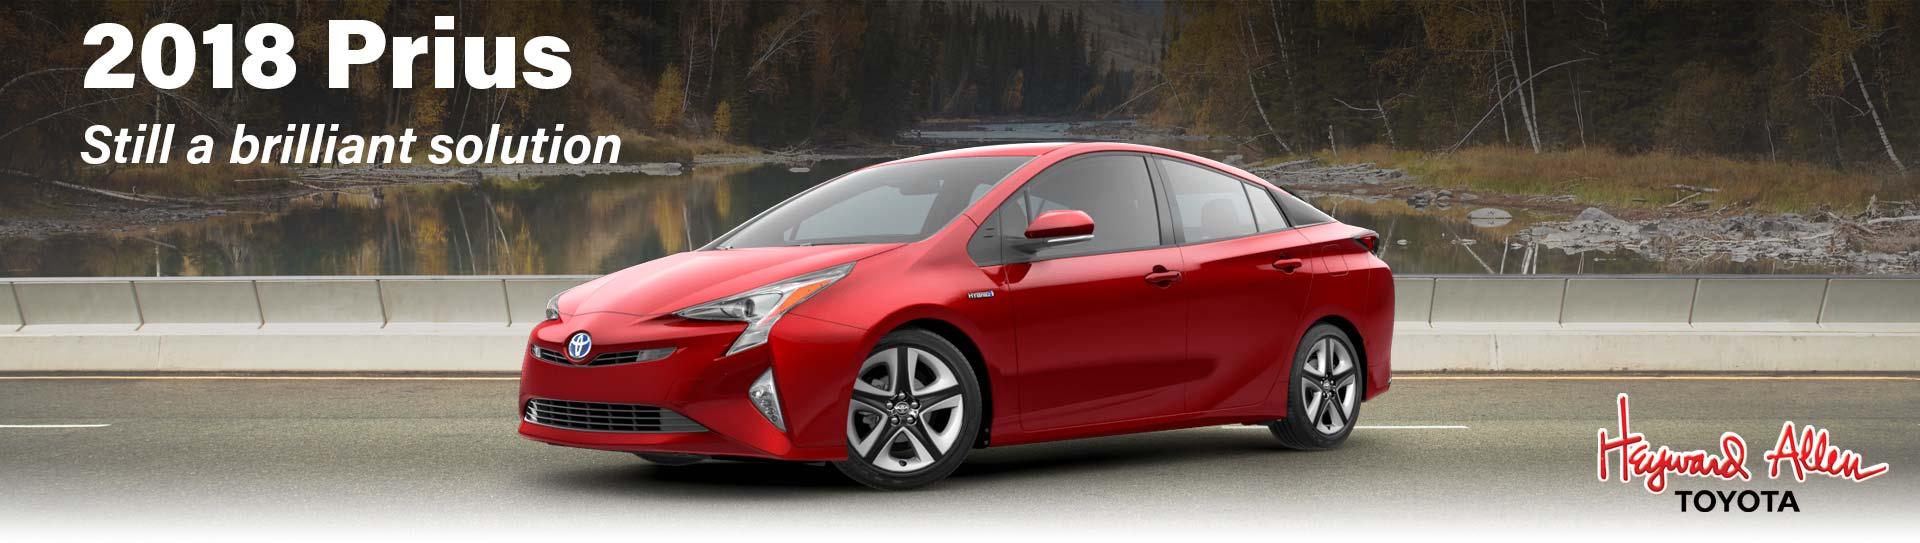 2018 Toyota Prius comparison